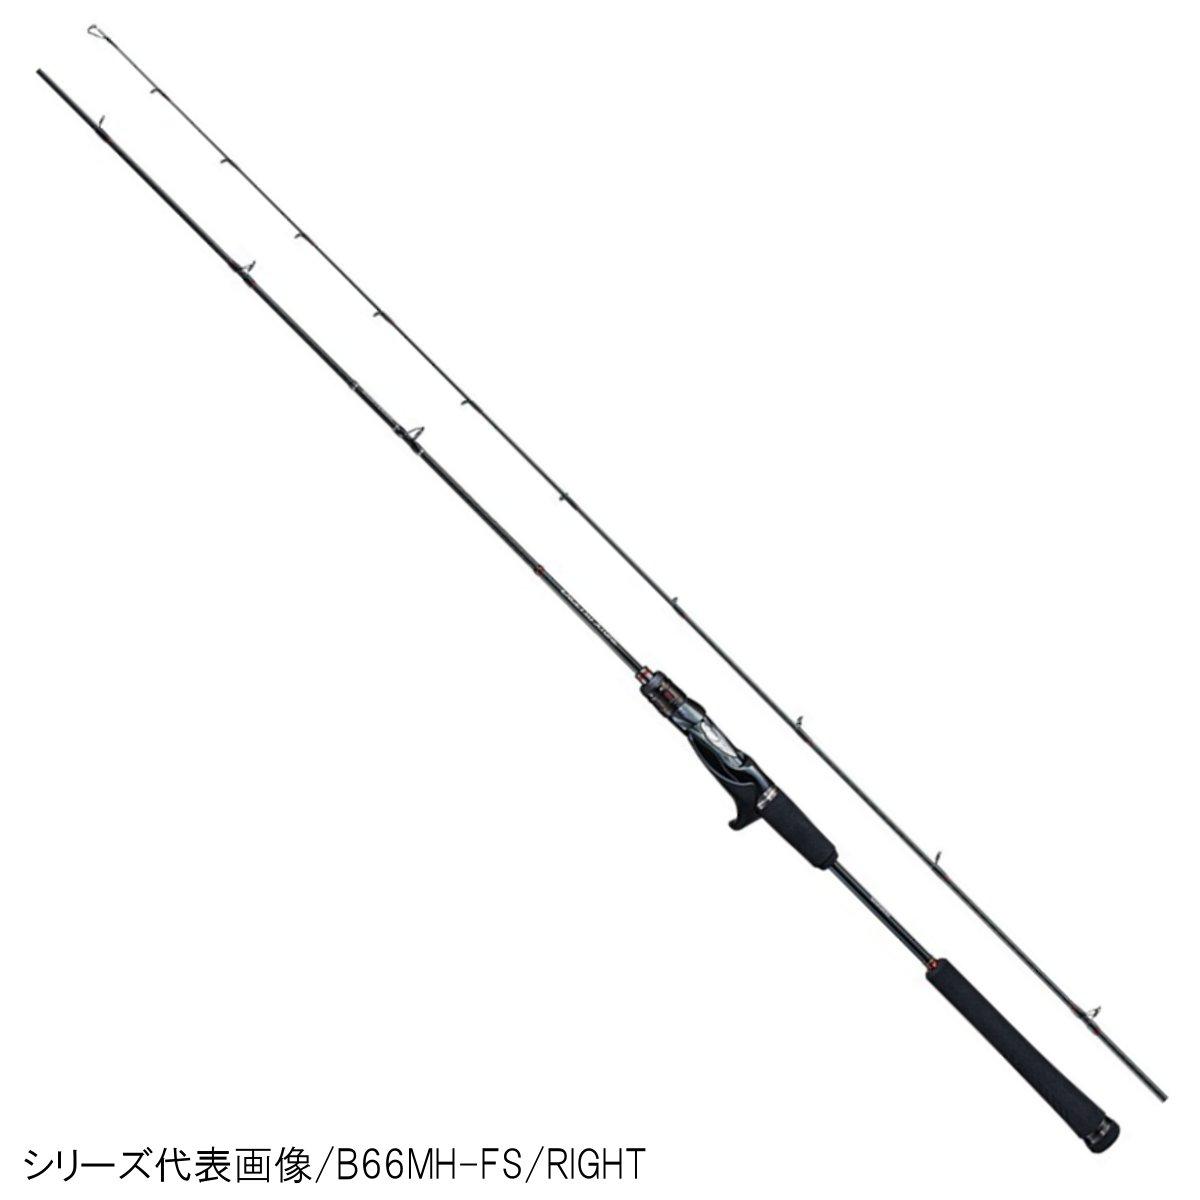 シマノ エンゲツ エクスチューン B511ML-FS/RIGHT【送料無料】